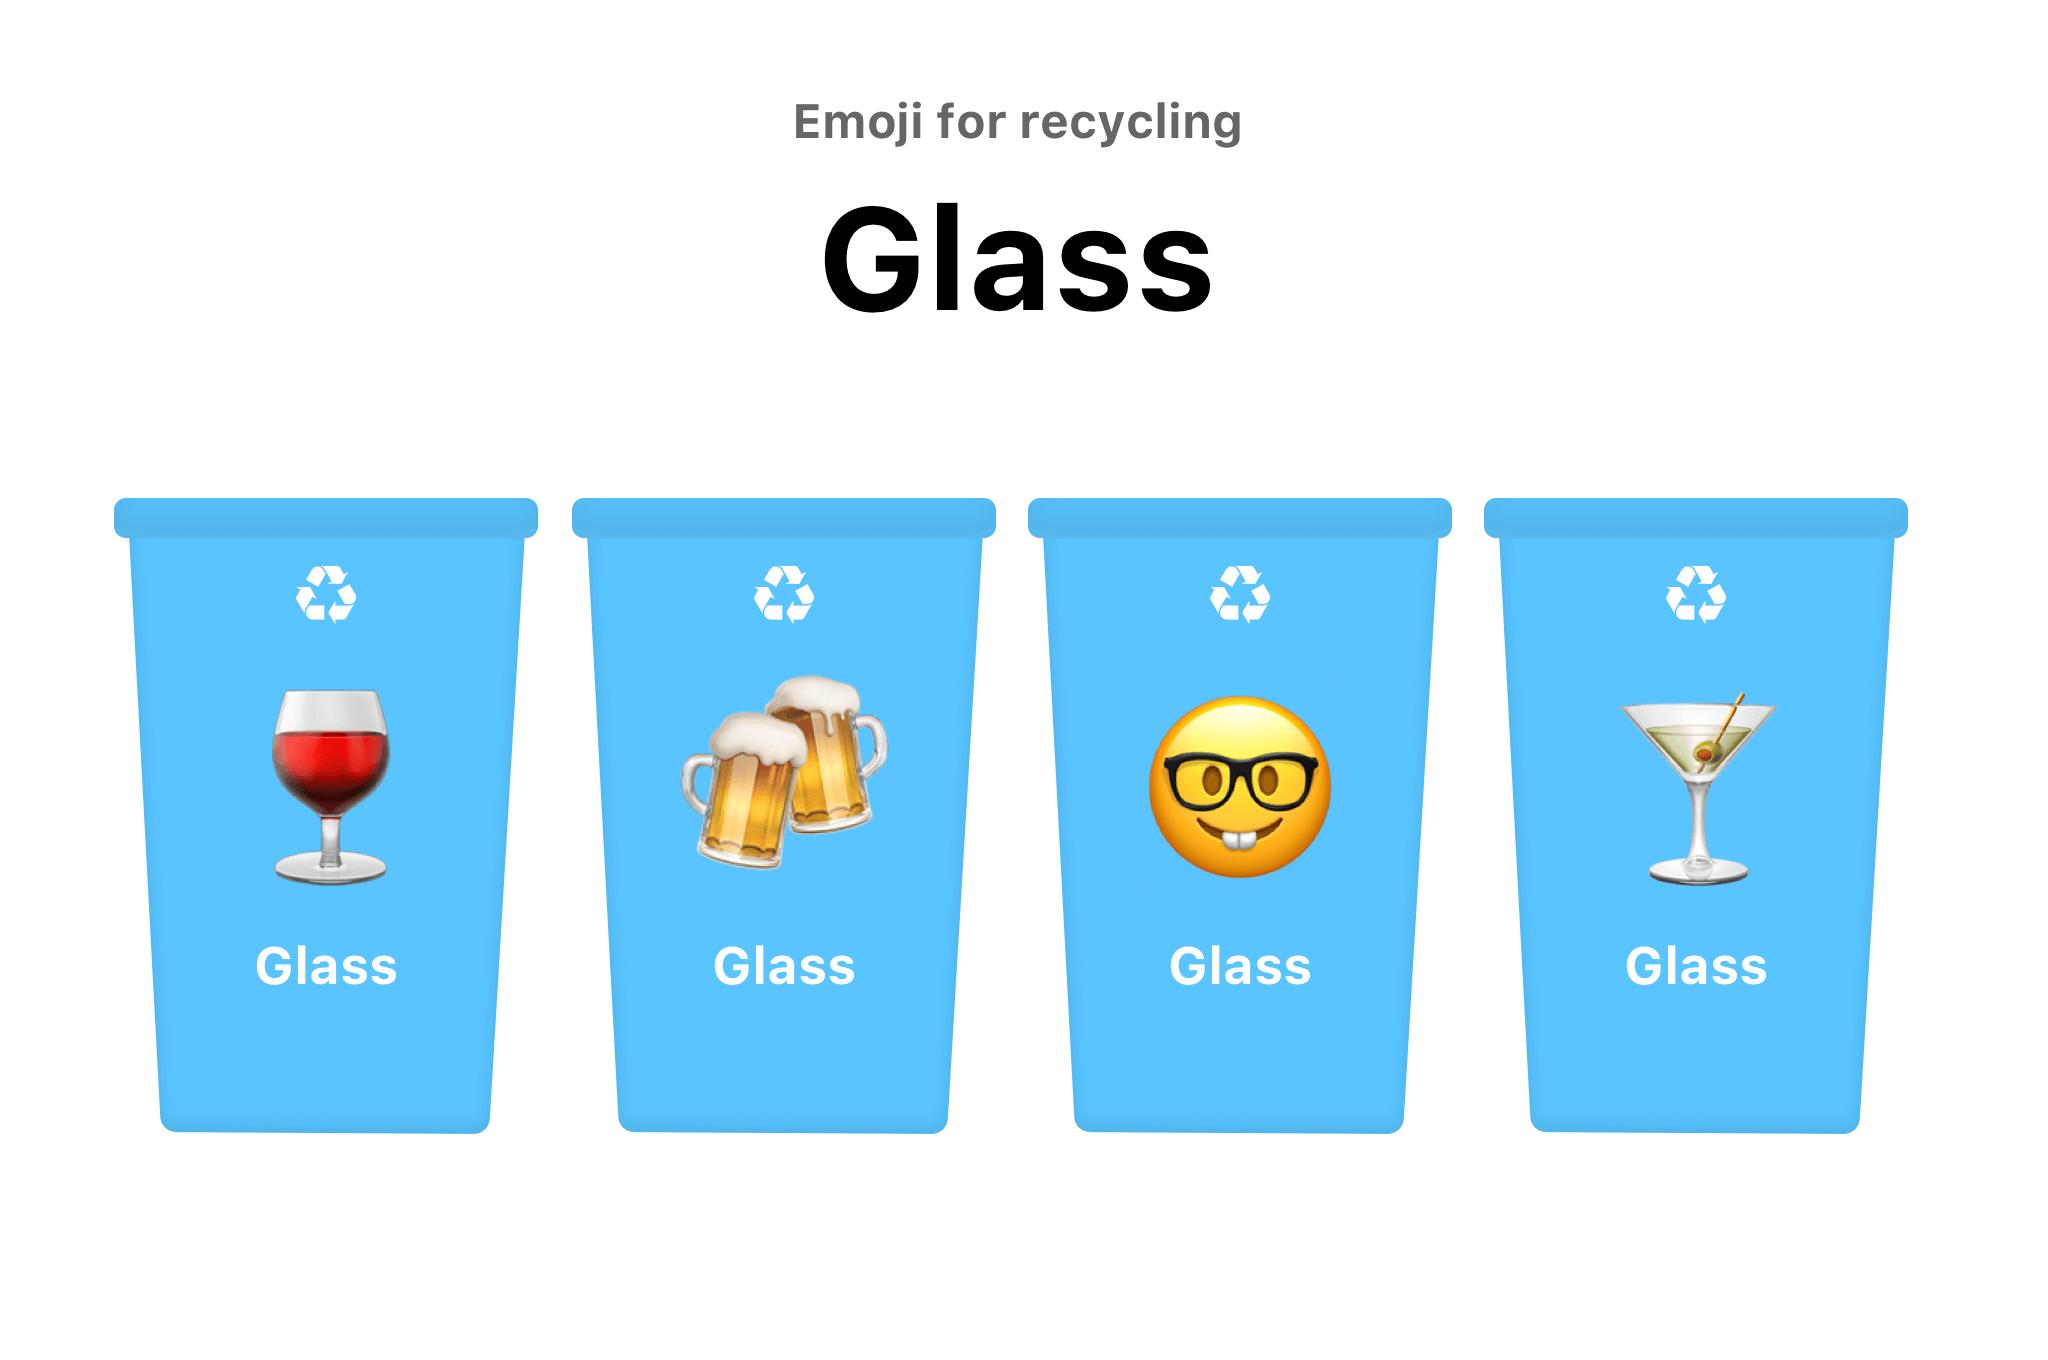 Emojicycling